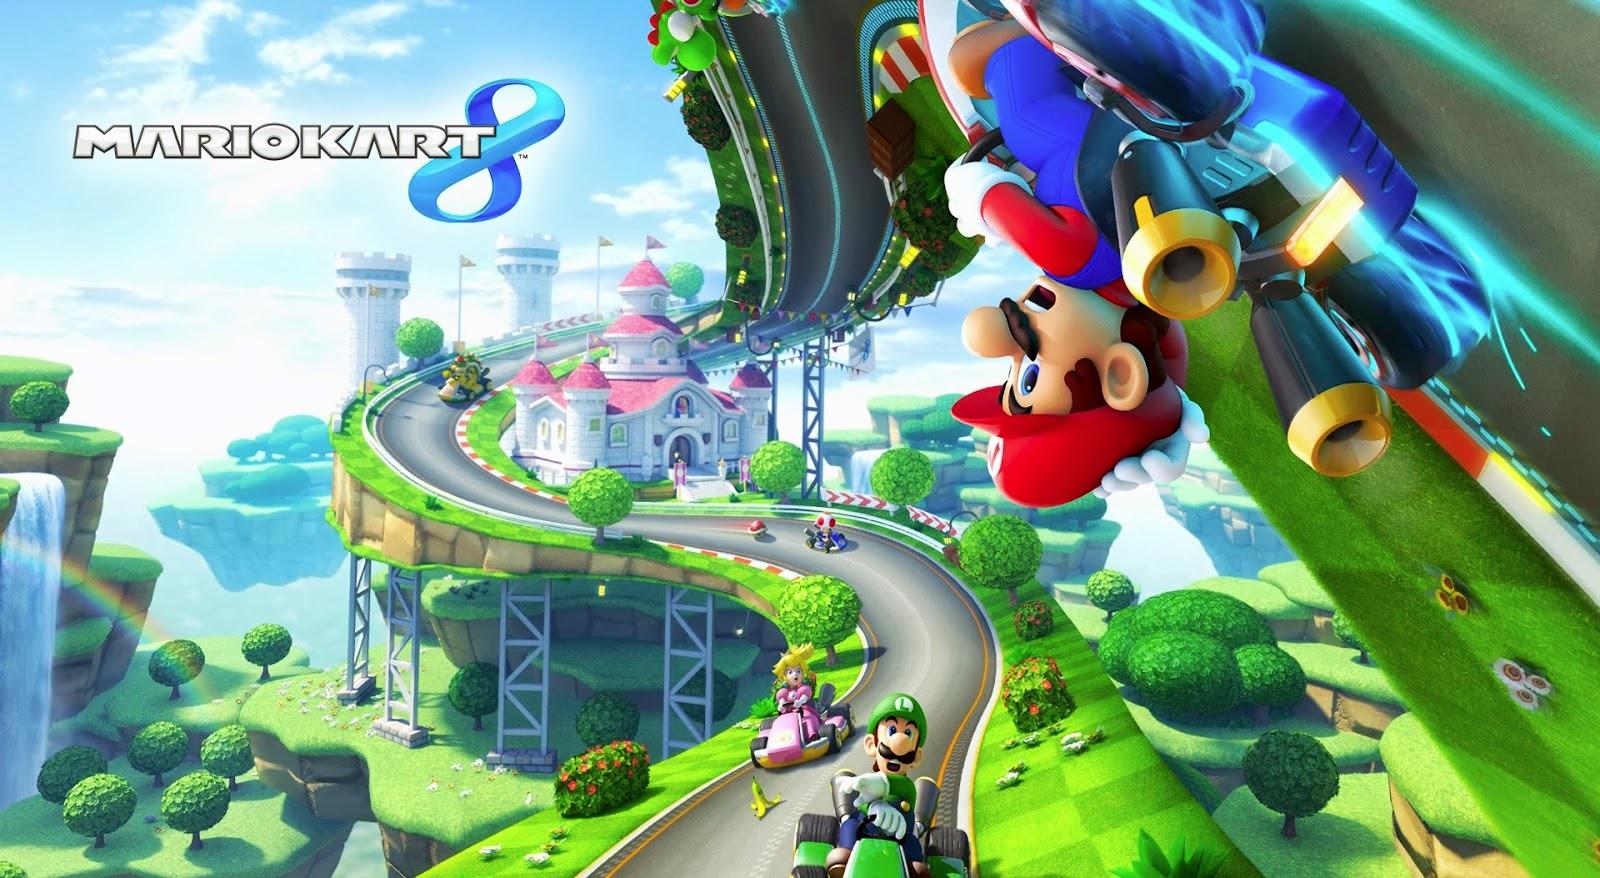 Wii U Mario Kart 8 Images Stills